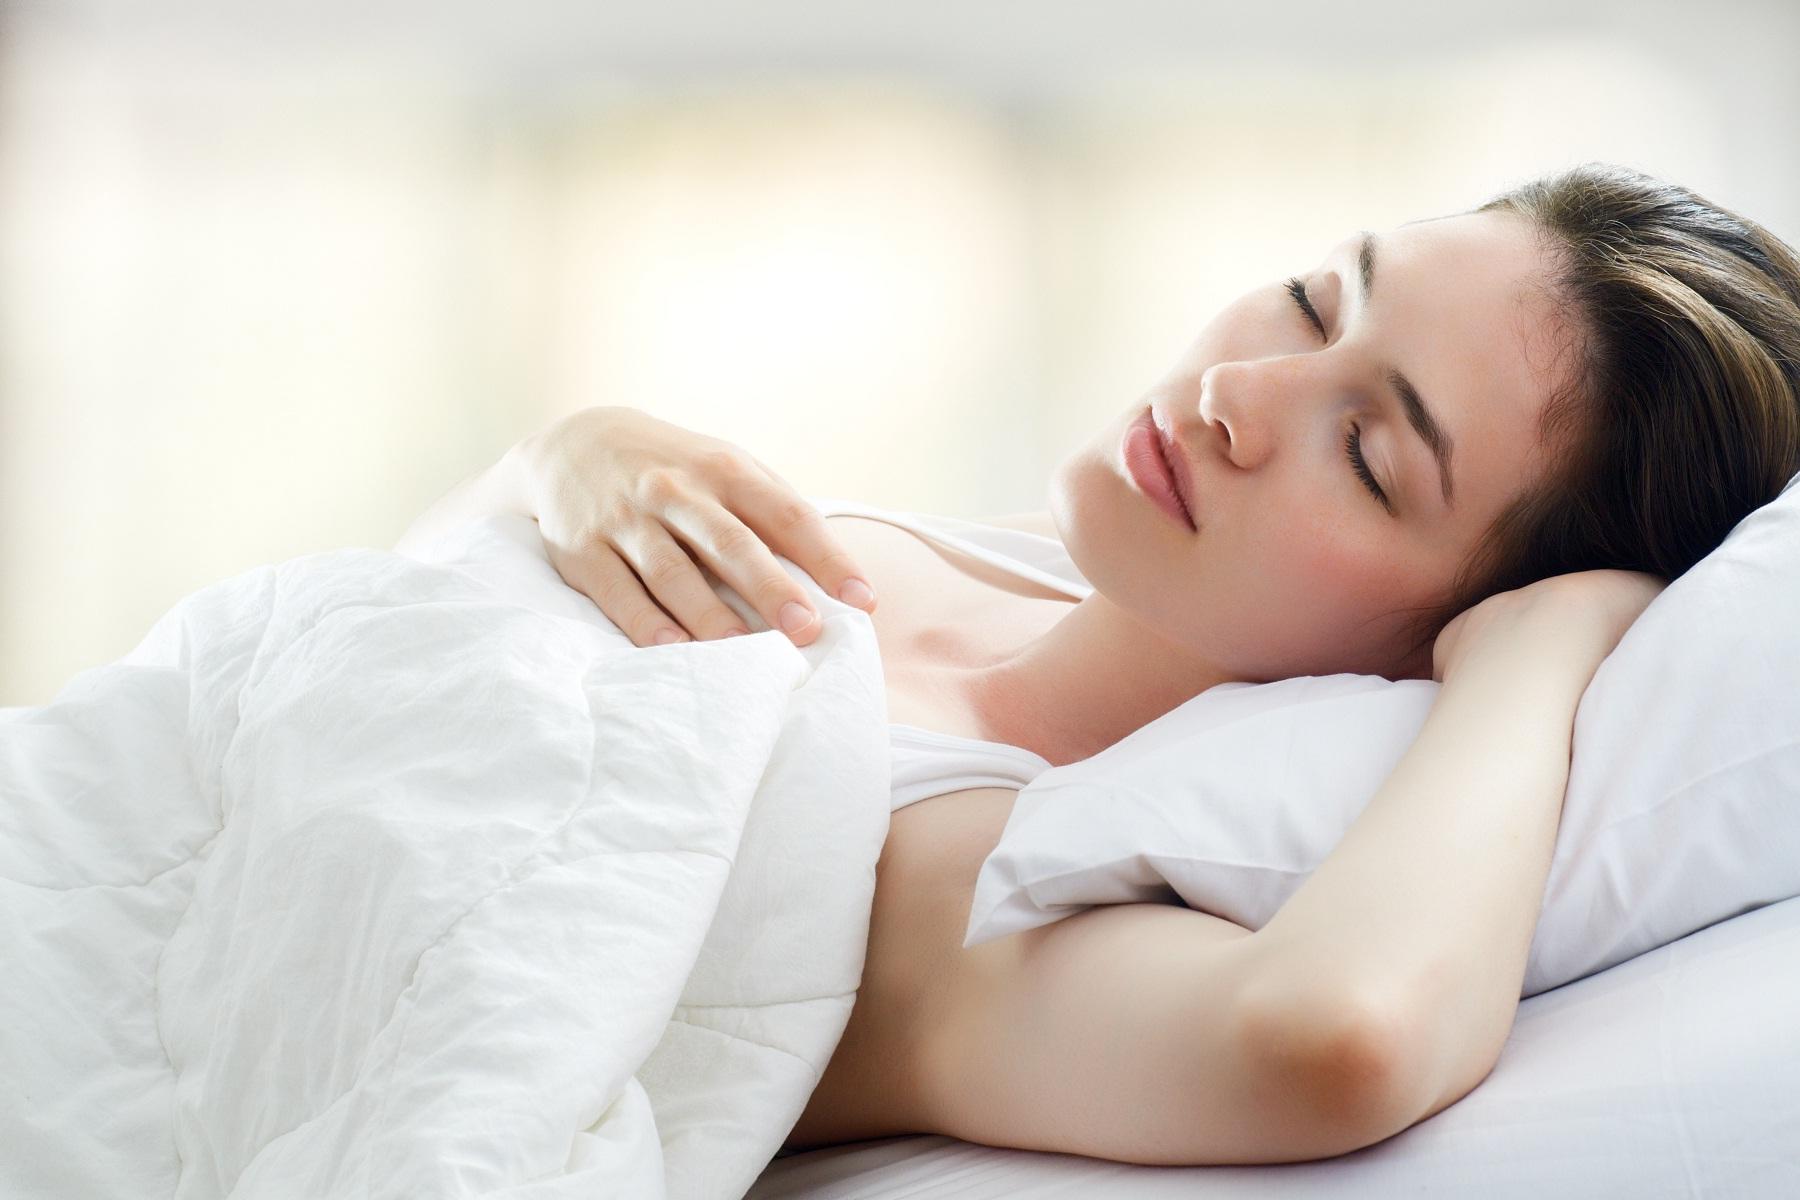 Mặt nạ ngủ nên hạn chế sử dụng cho da